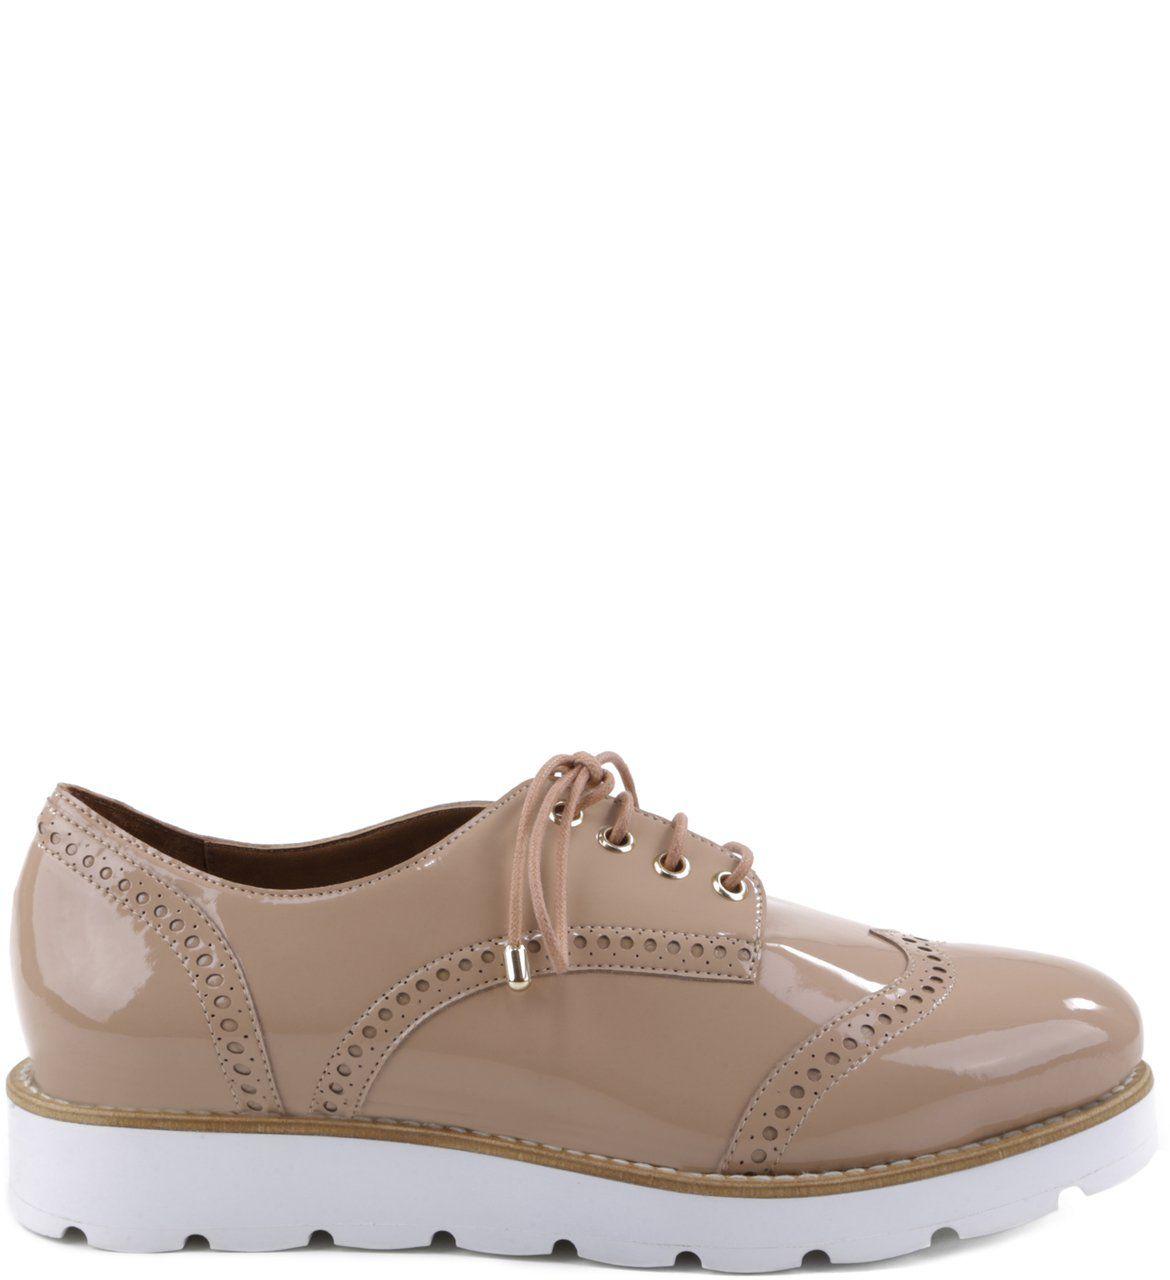 7c487a093 Oxford Solado-Branco Couro Nude-Rose | Arezzo | Calçados | Sapatos ...